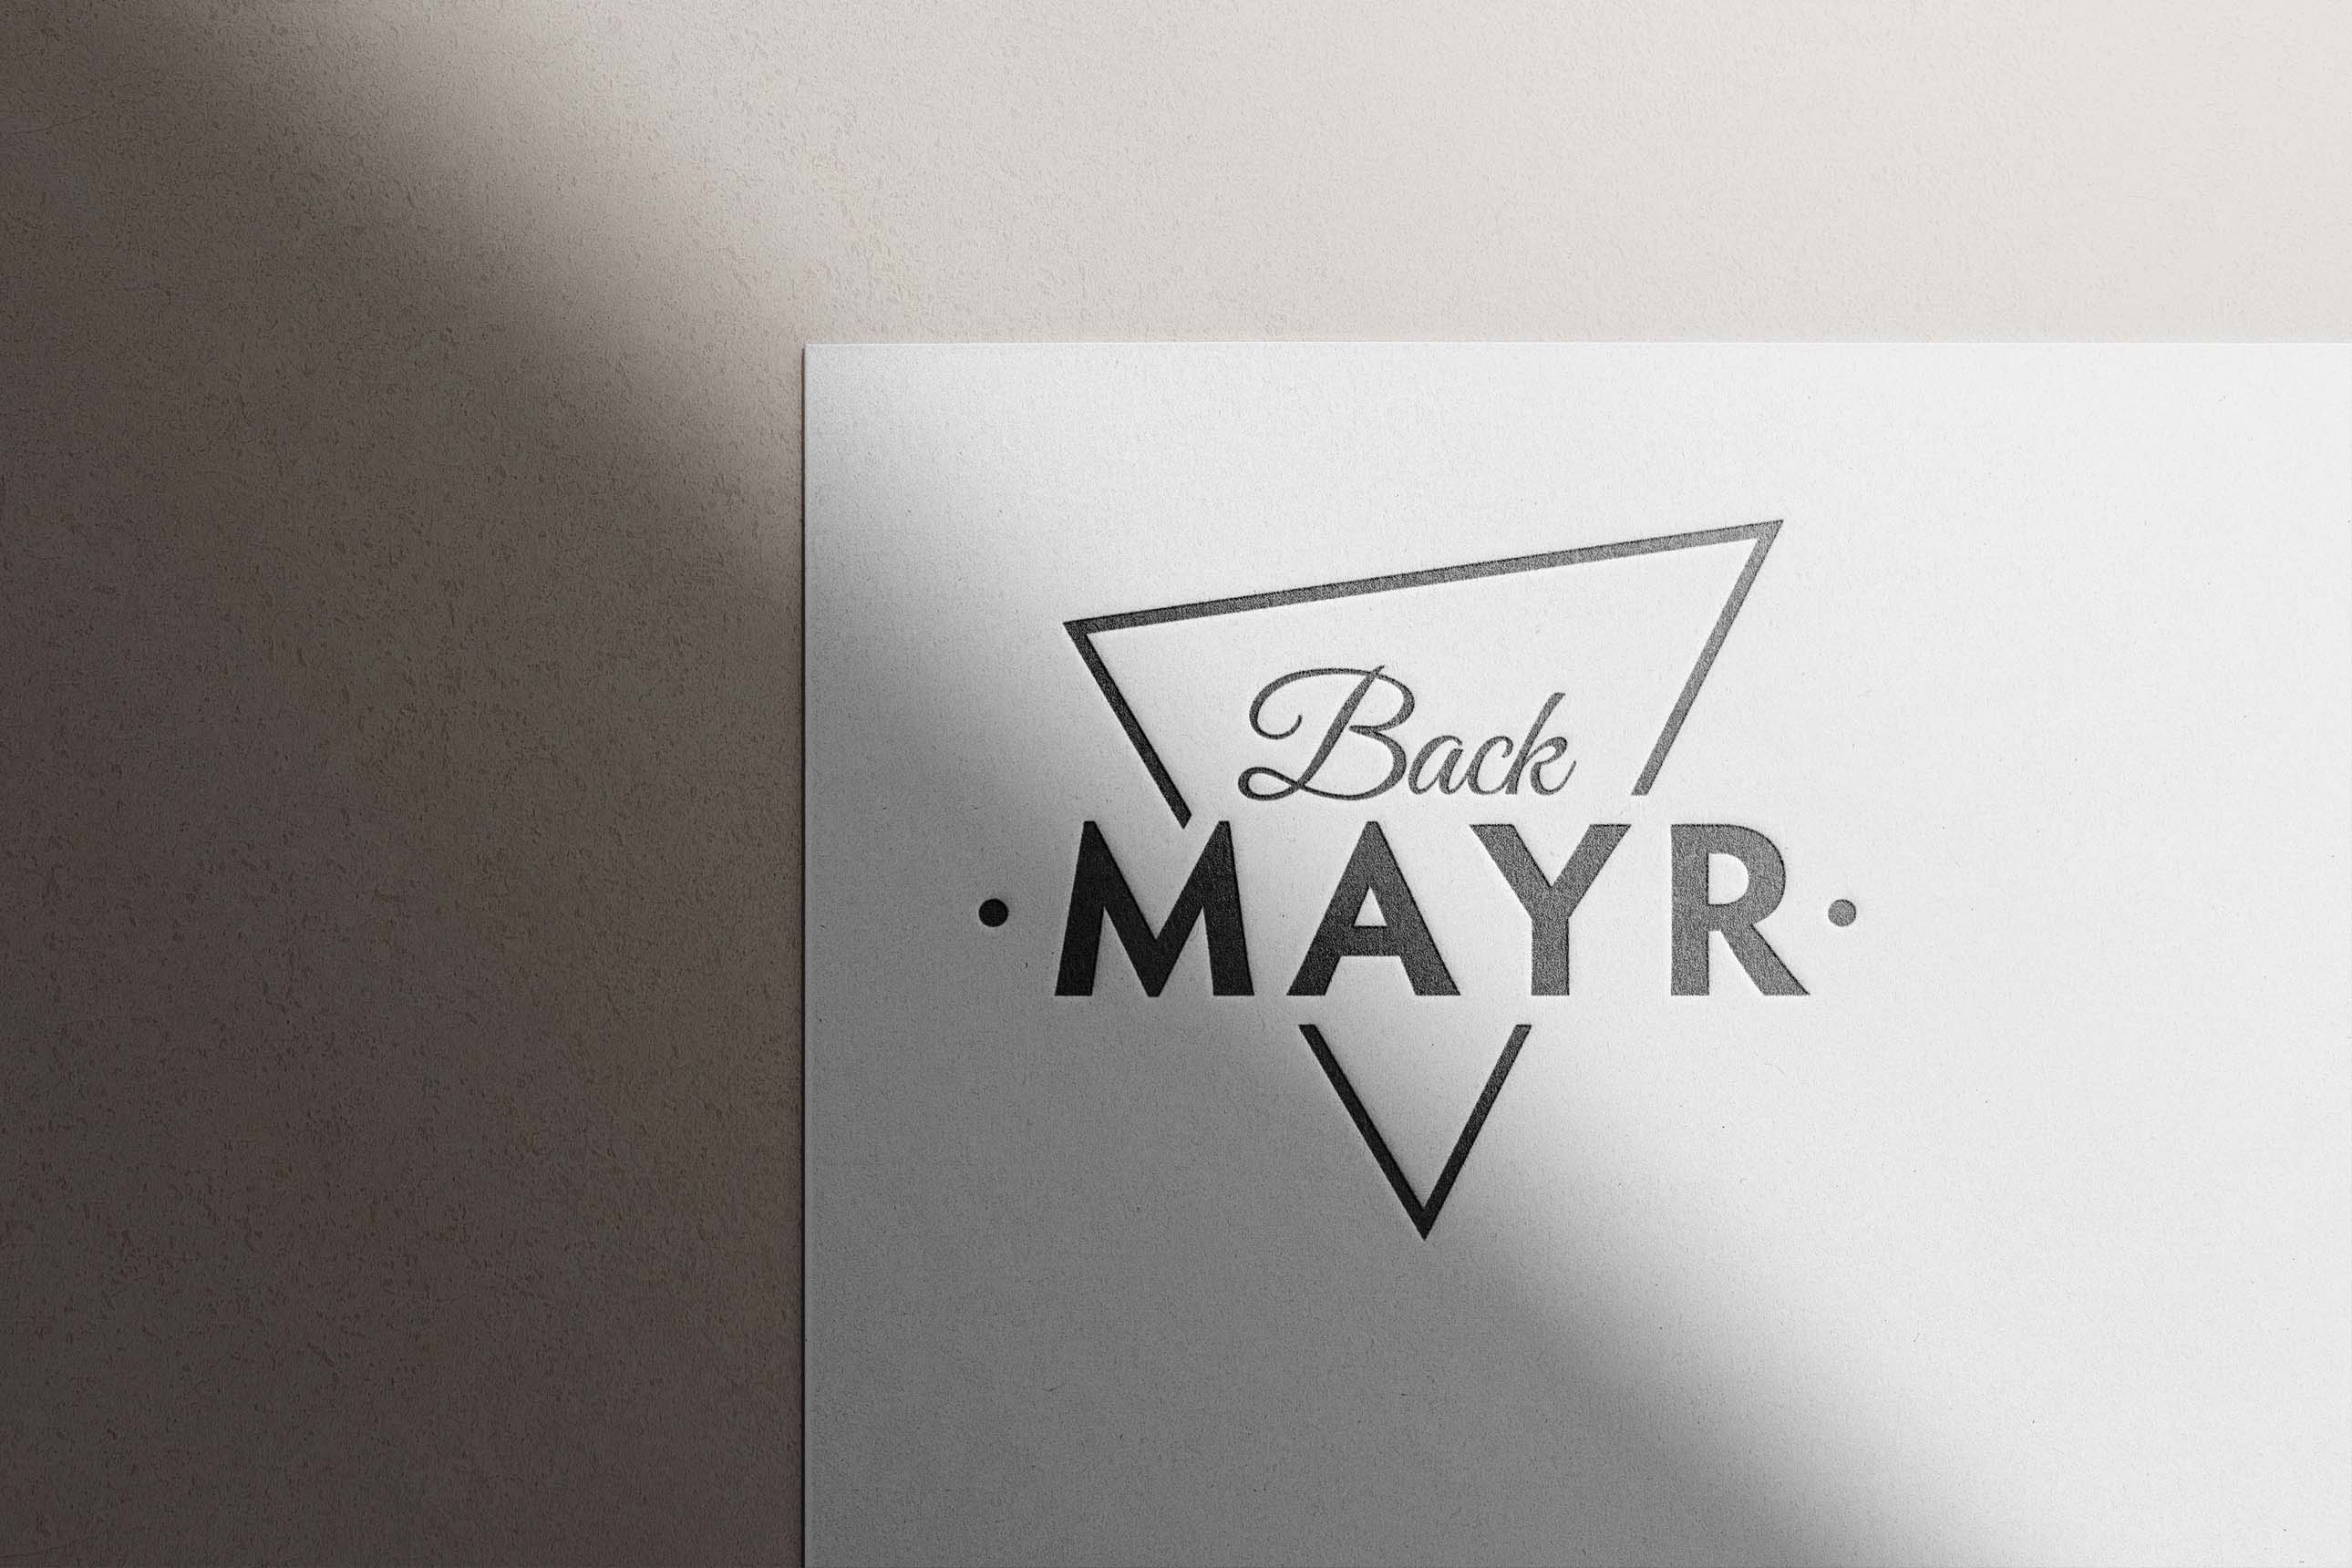 Logodesign und Logoüberarbeitung für Back Mayr Mindelheim